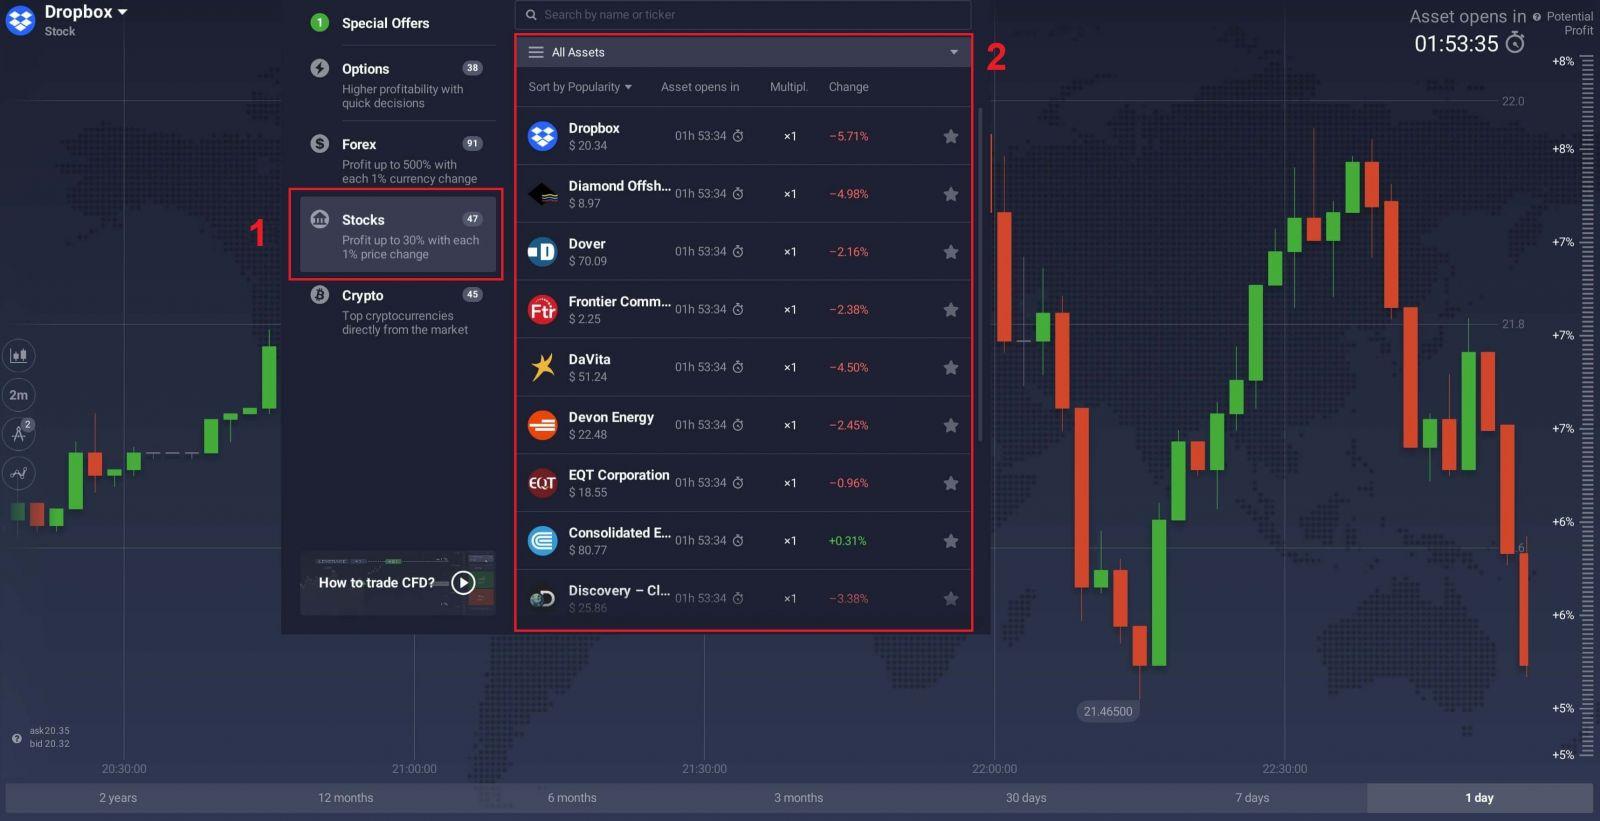 Cách gửi tiền và giao dịch các công cụ CFD (Forex, tiền điện tử, cổ phiếu) tại IQ Option